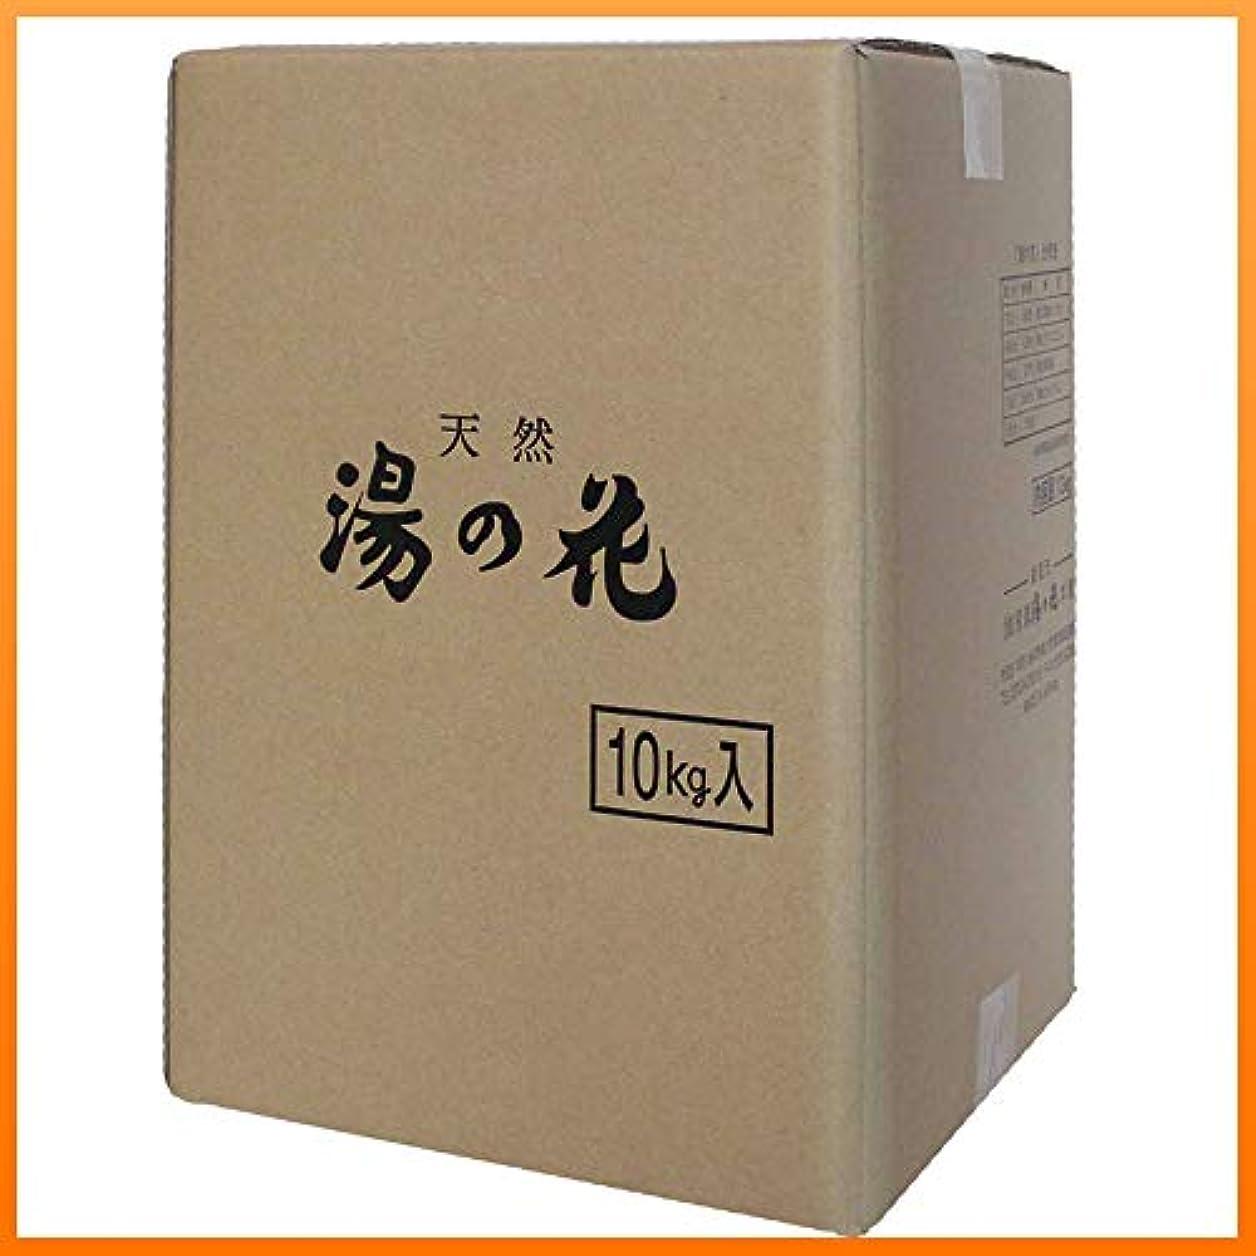 谷コミットメントオートマトン天然湯の花 (業務用) 10kg (飛騨高山温泉郷 にごり湯)